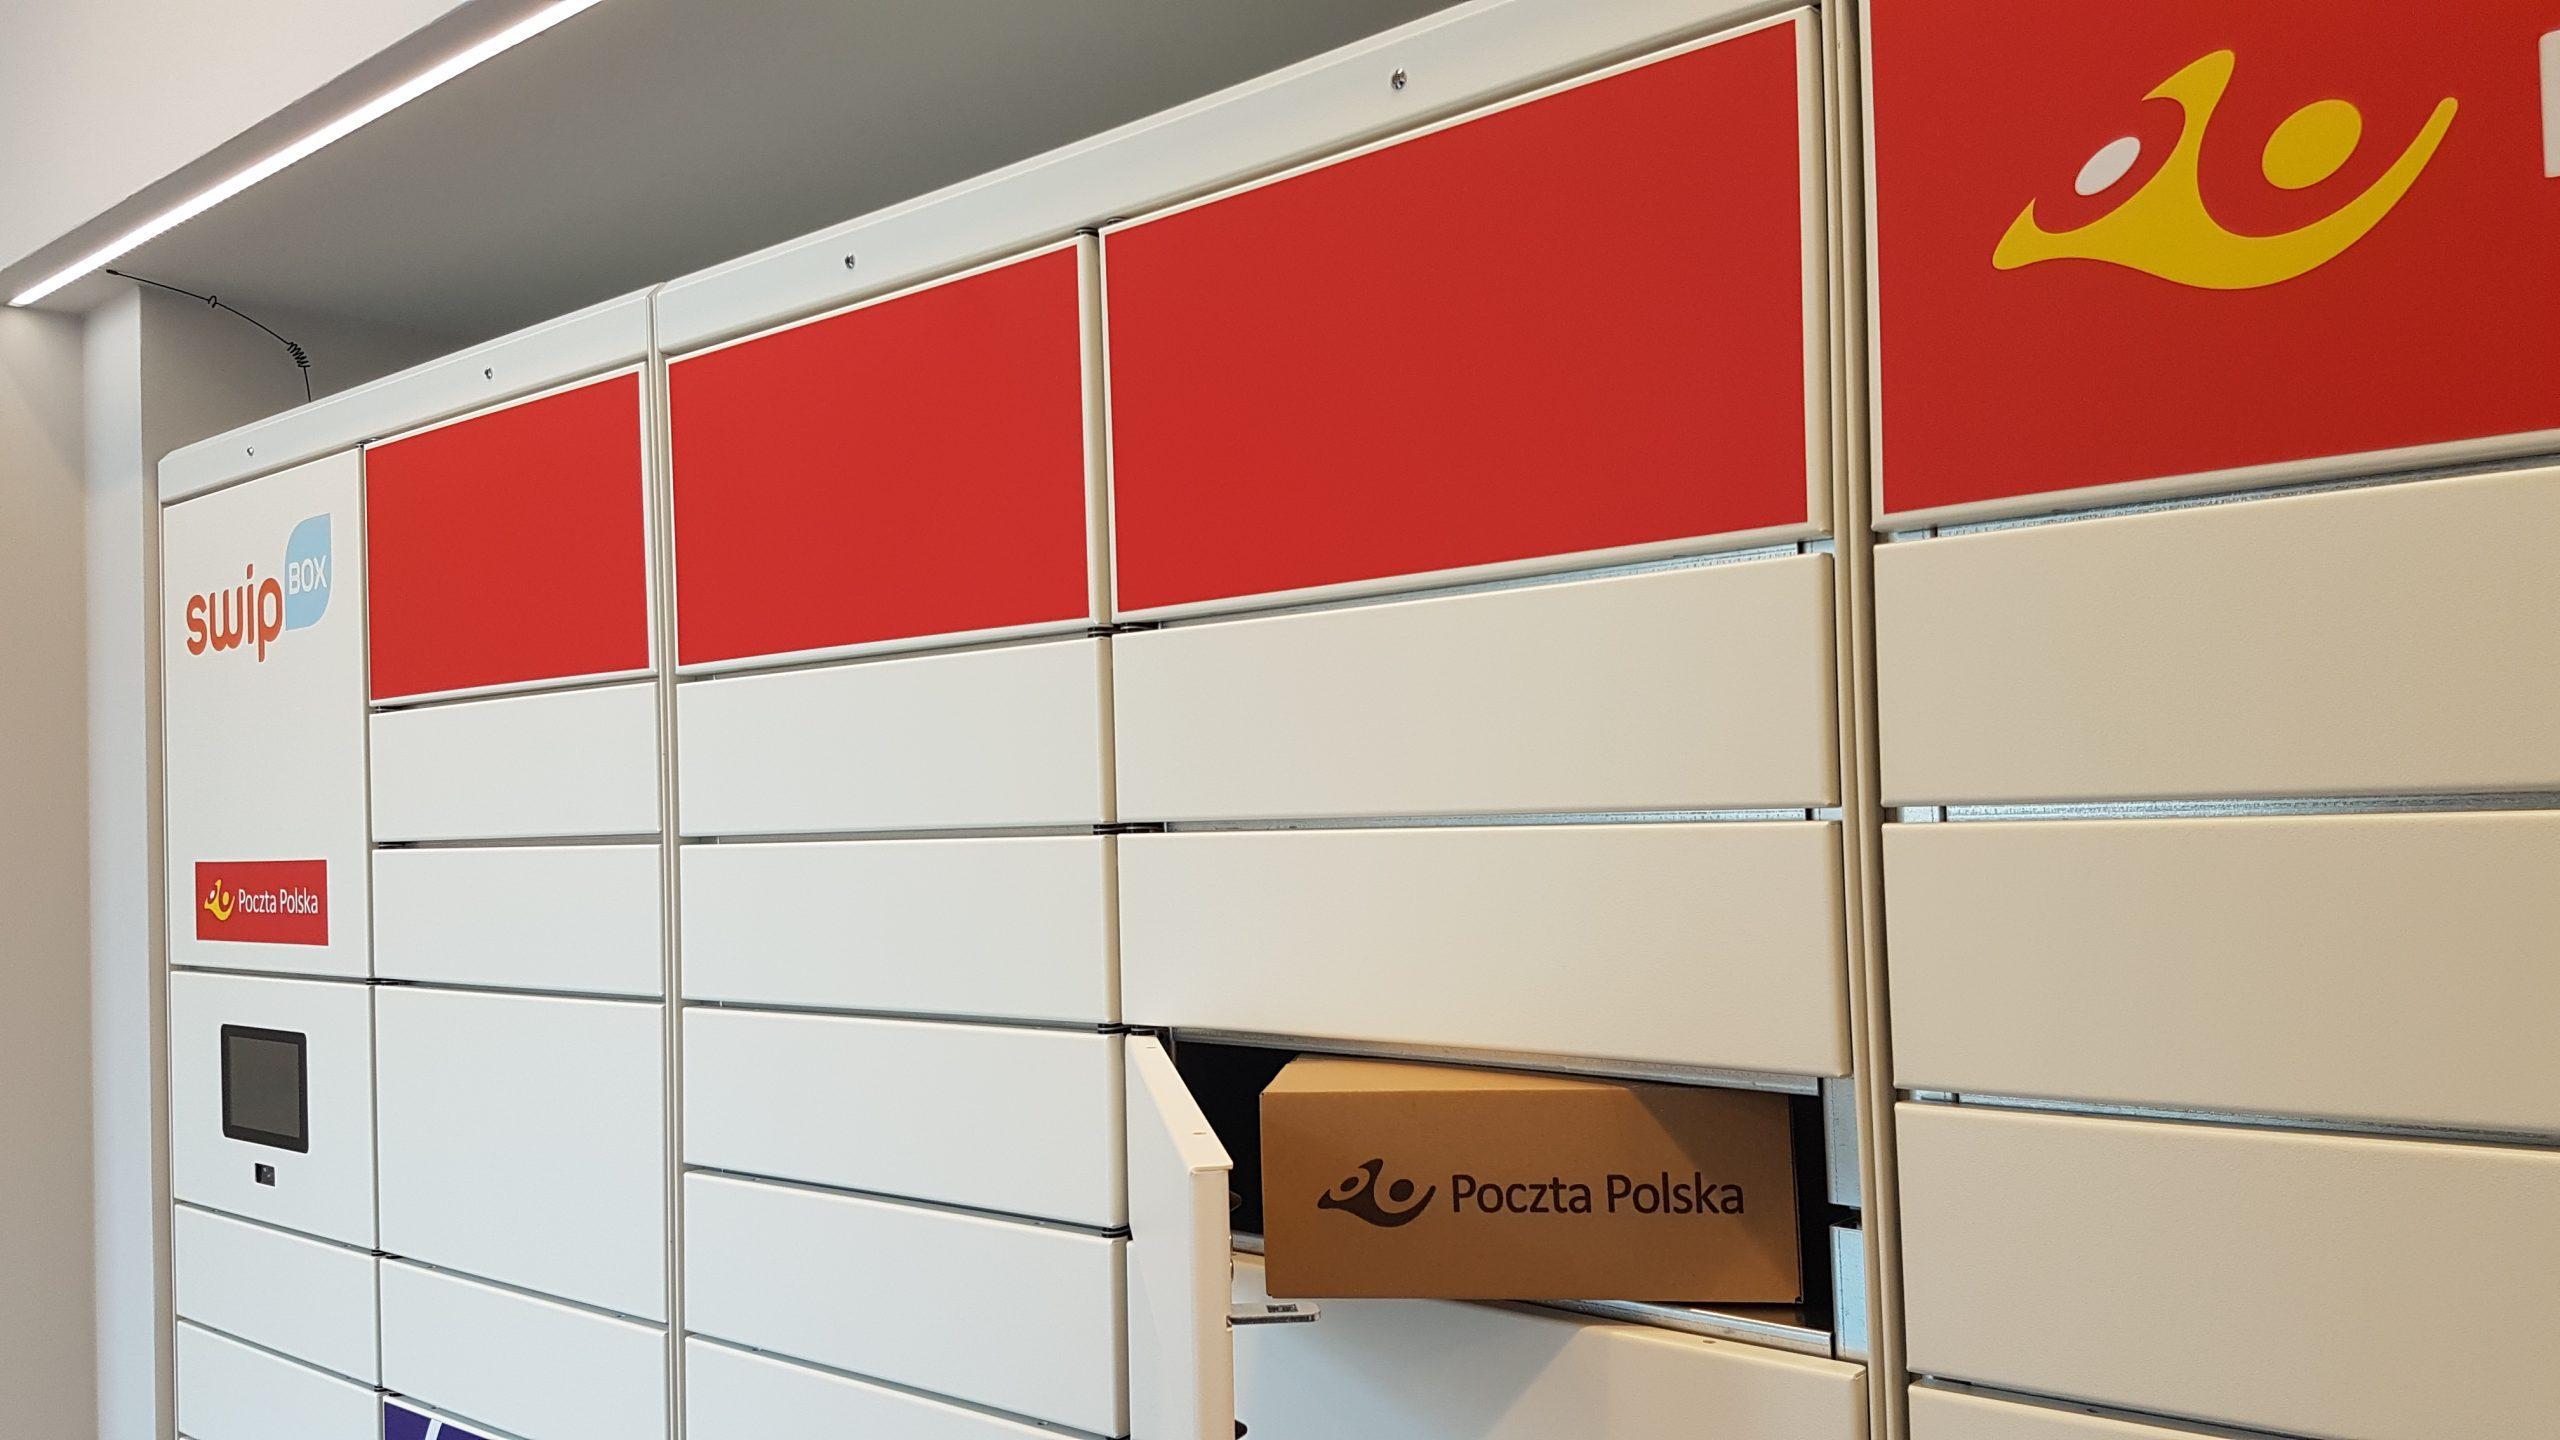 Paketen armairuak lehia dute.  Polish Post hasi berri da paketatze makinekin